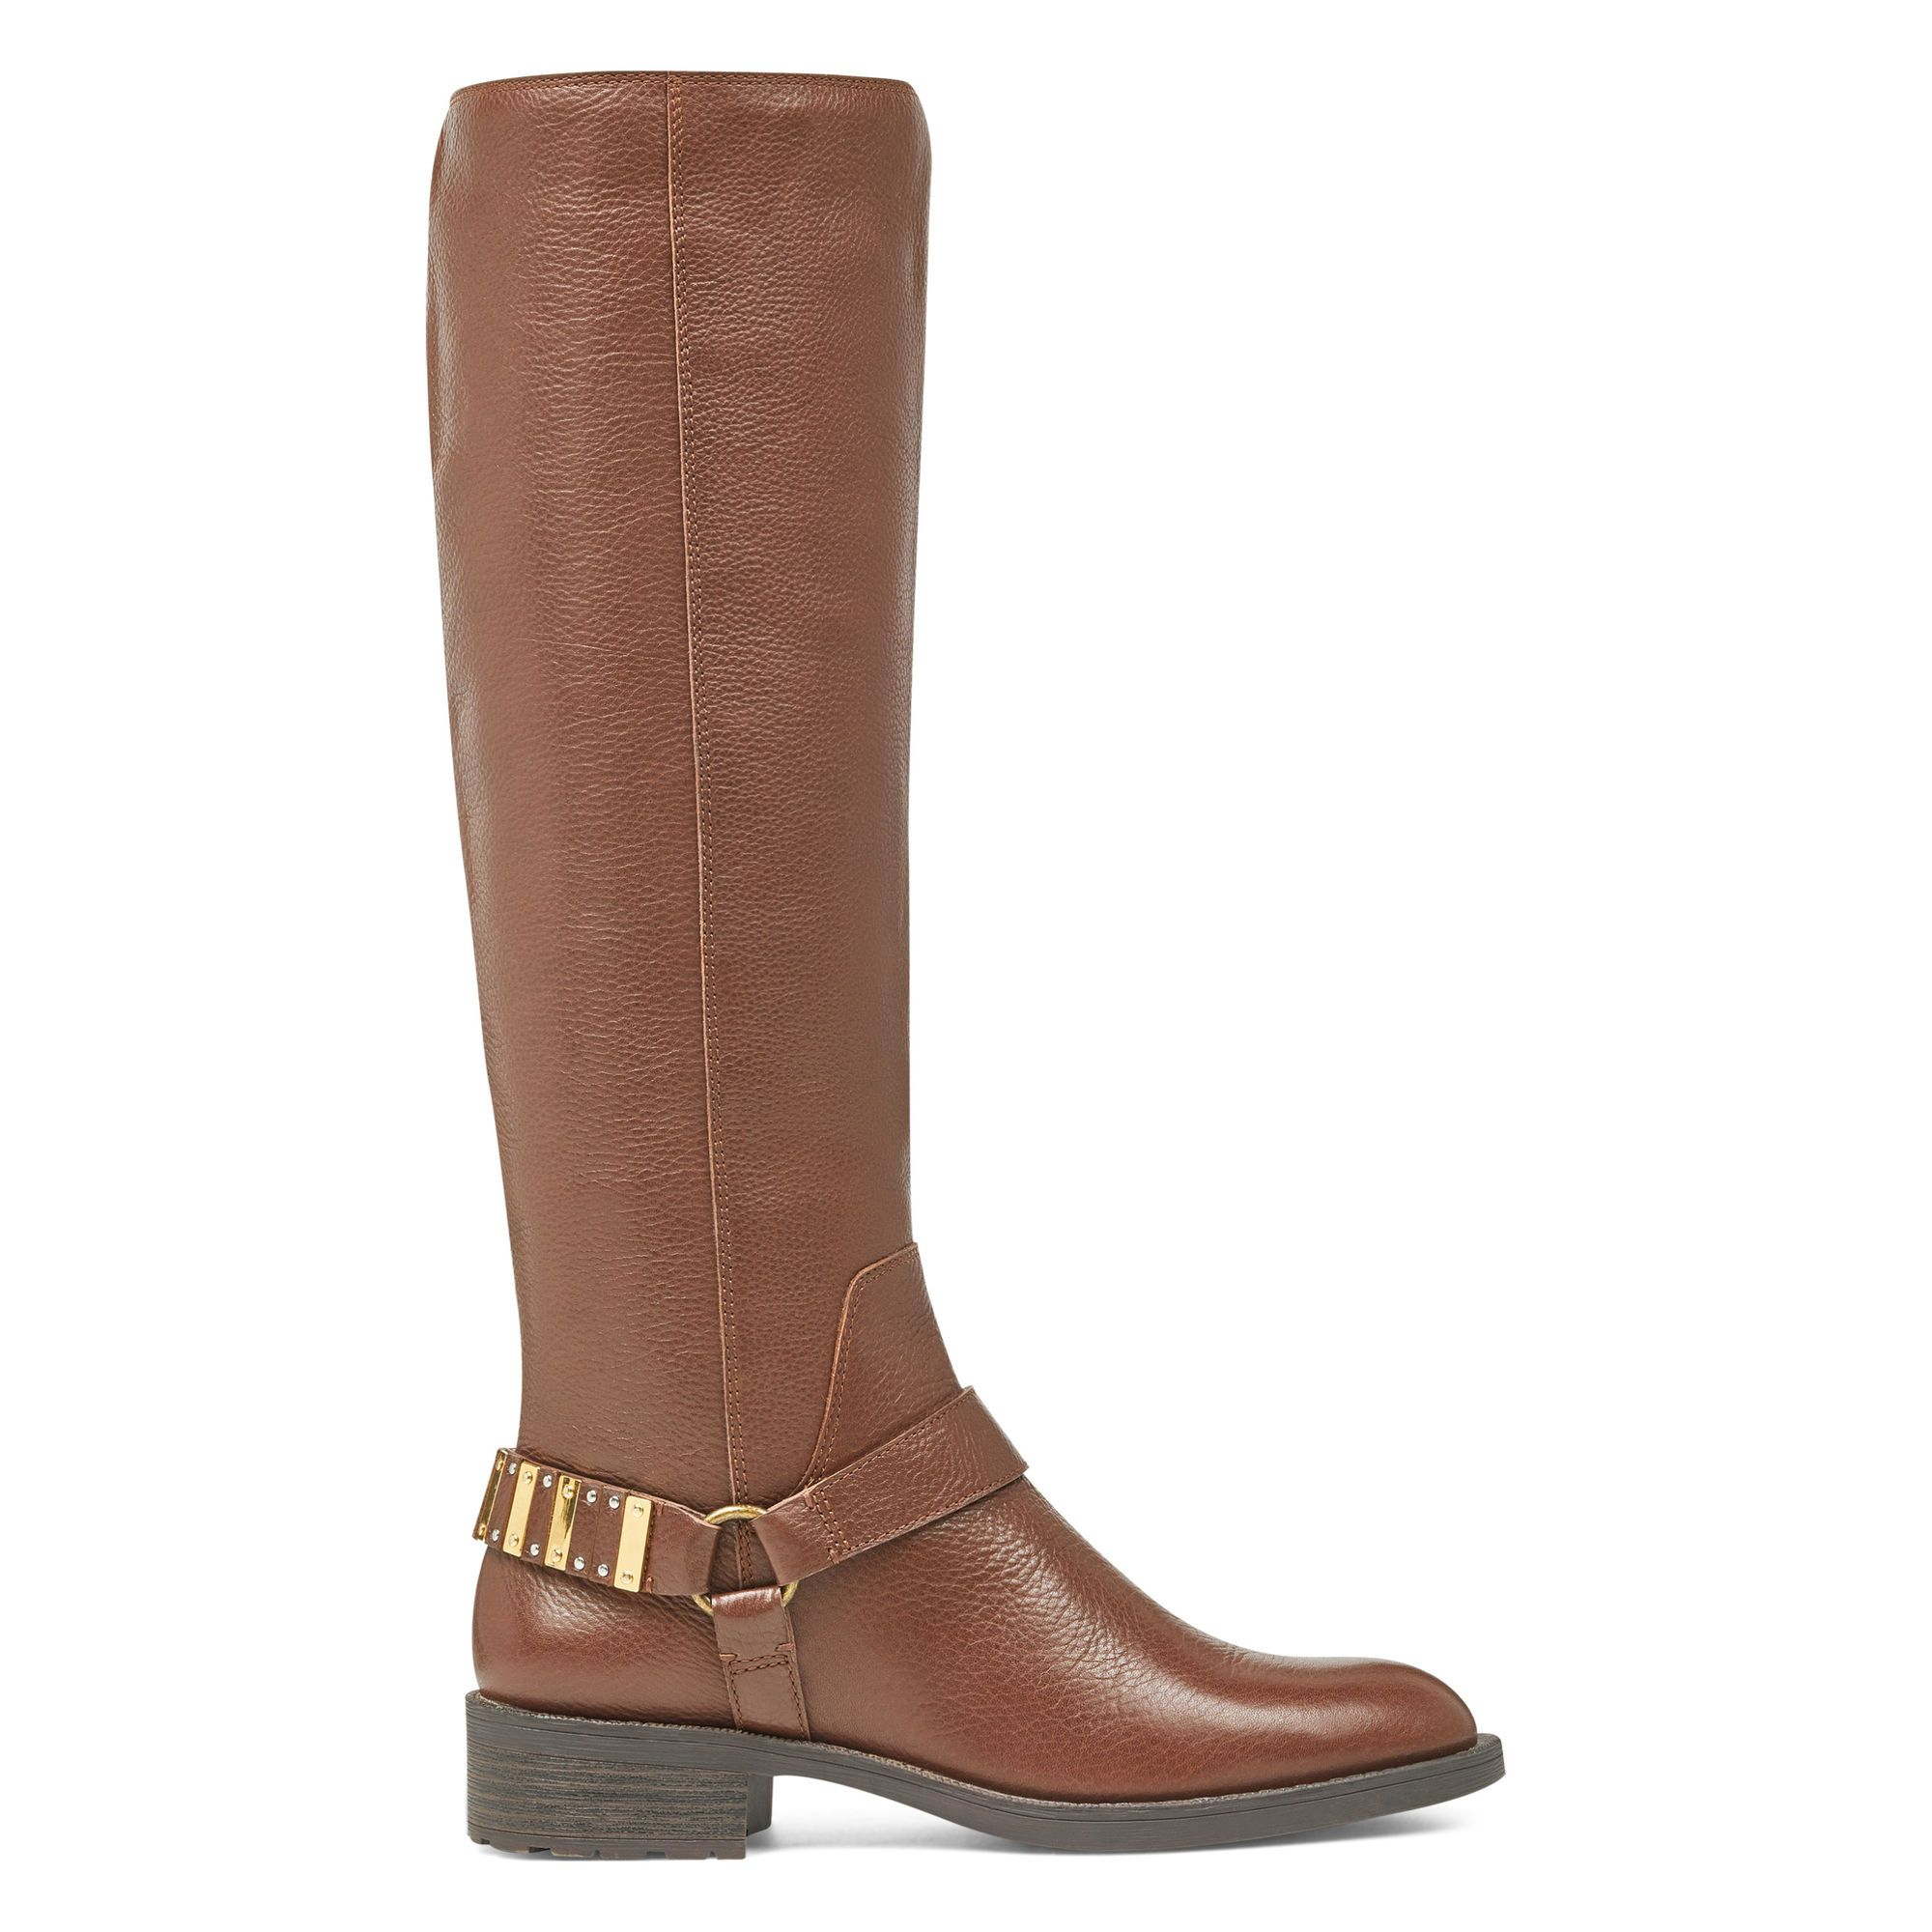 b035a39ba971 Shailyn Tall Boots - Nine West